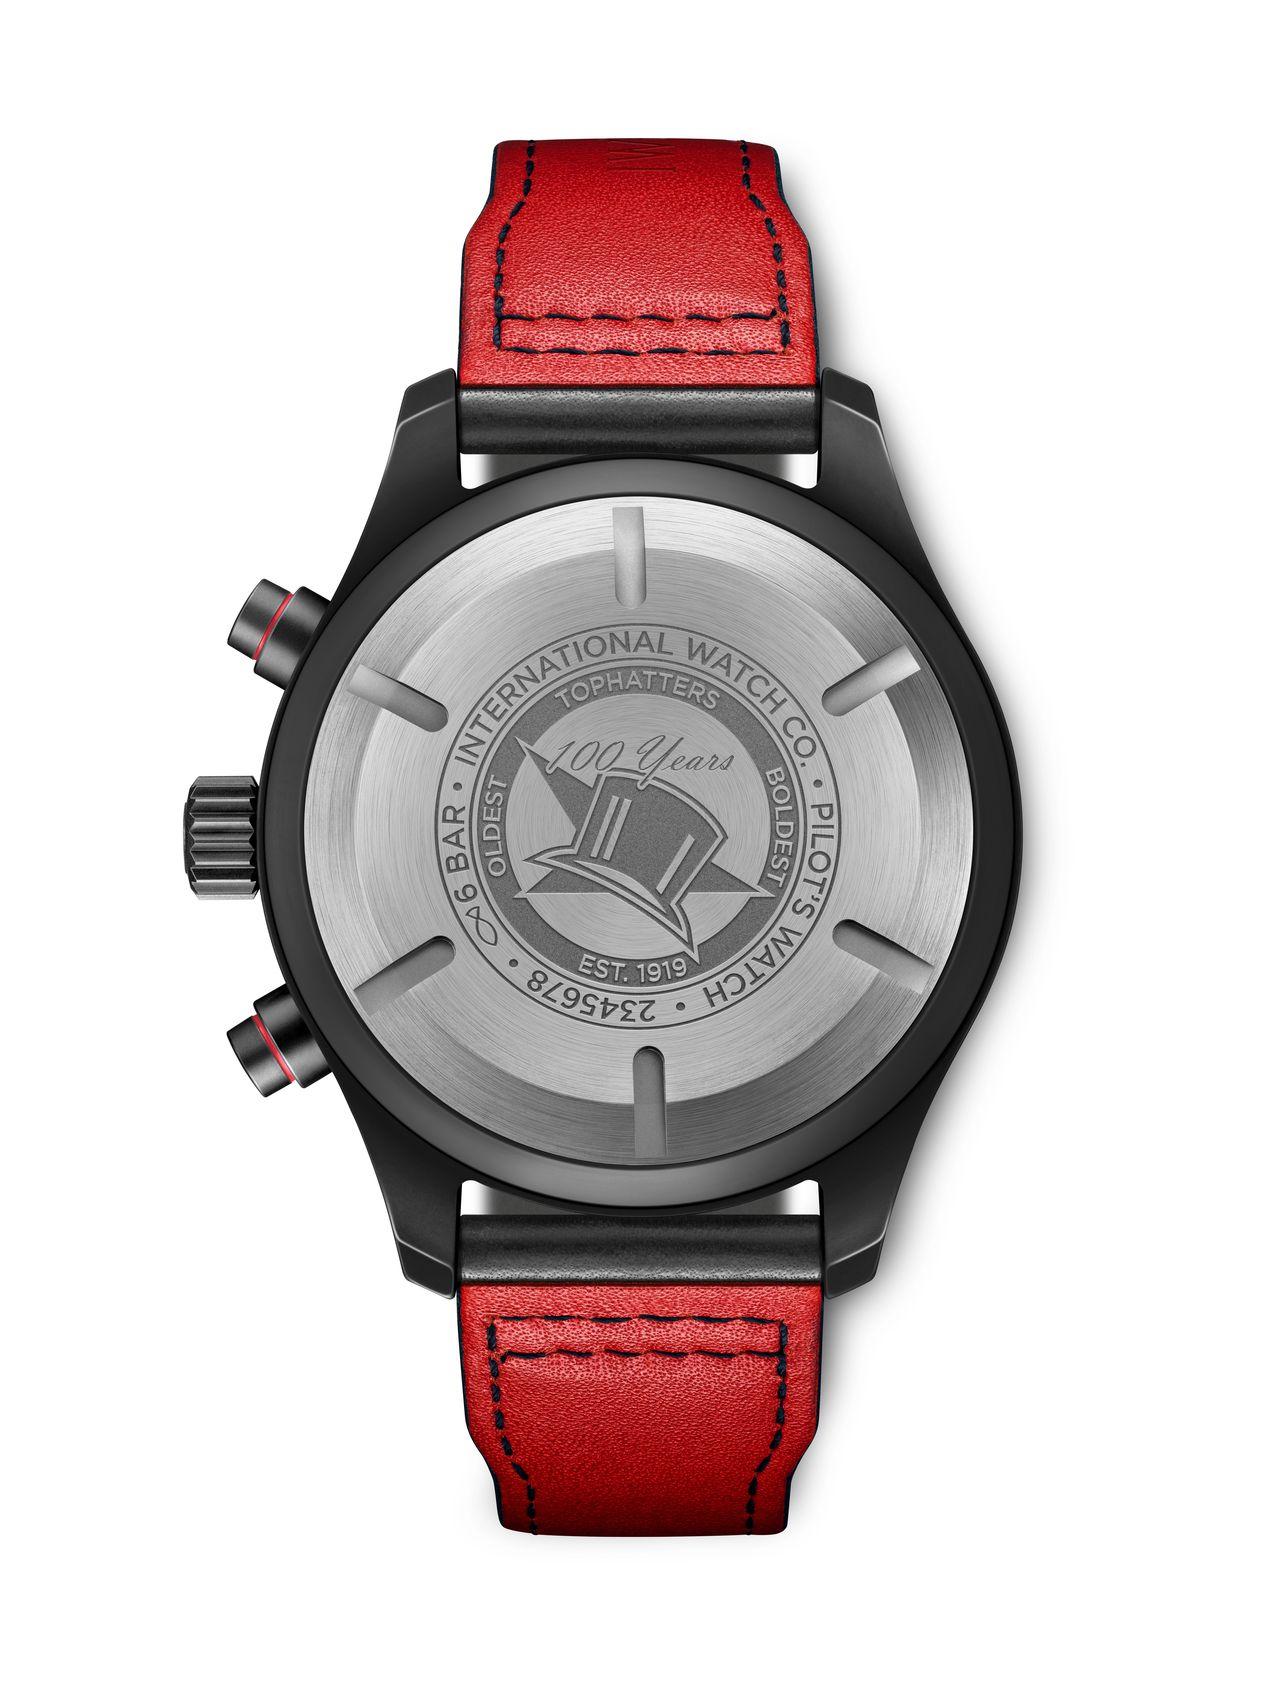 IWC Pilot's Watch Chronograph U.S. Navy Squadrons Editions - sajnos tömör a hátlap, de a lágyvas miatt amúgy sem látnánk a szerkezetet